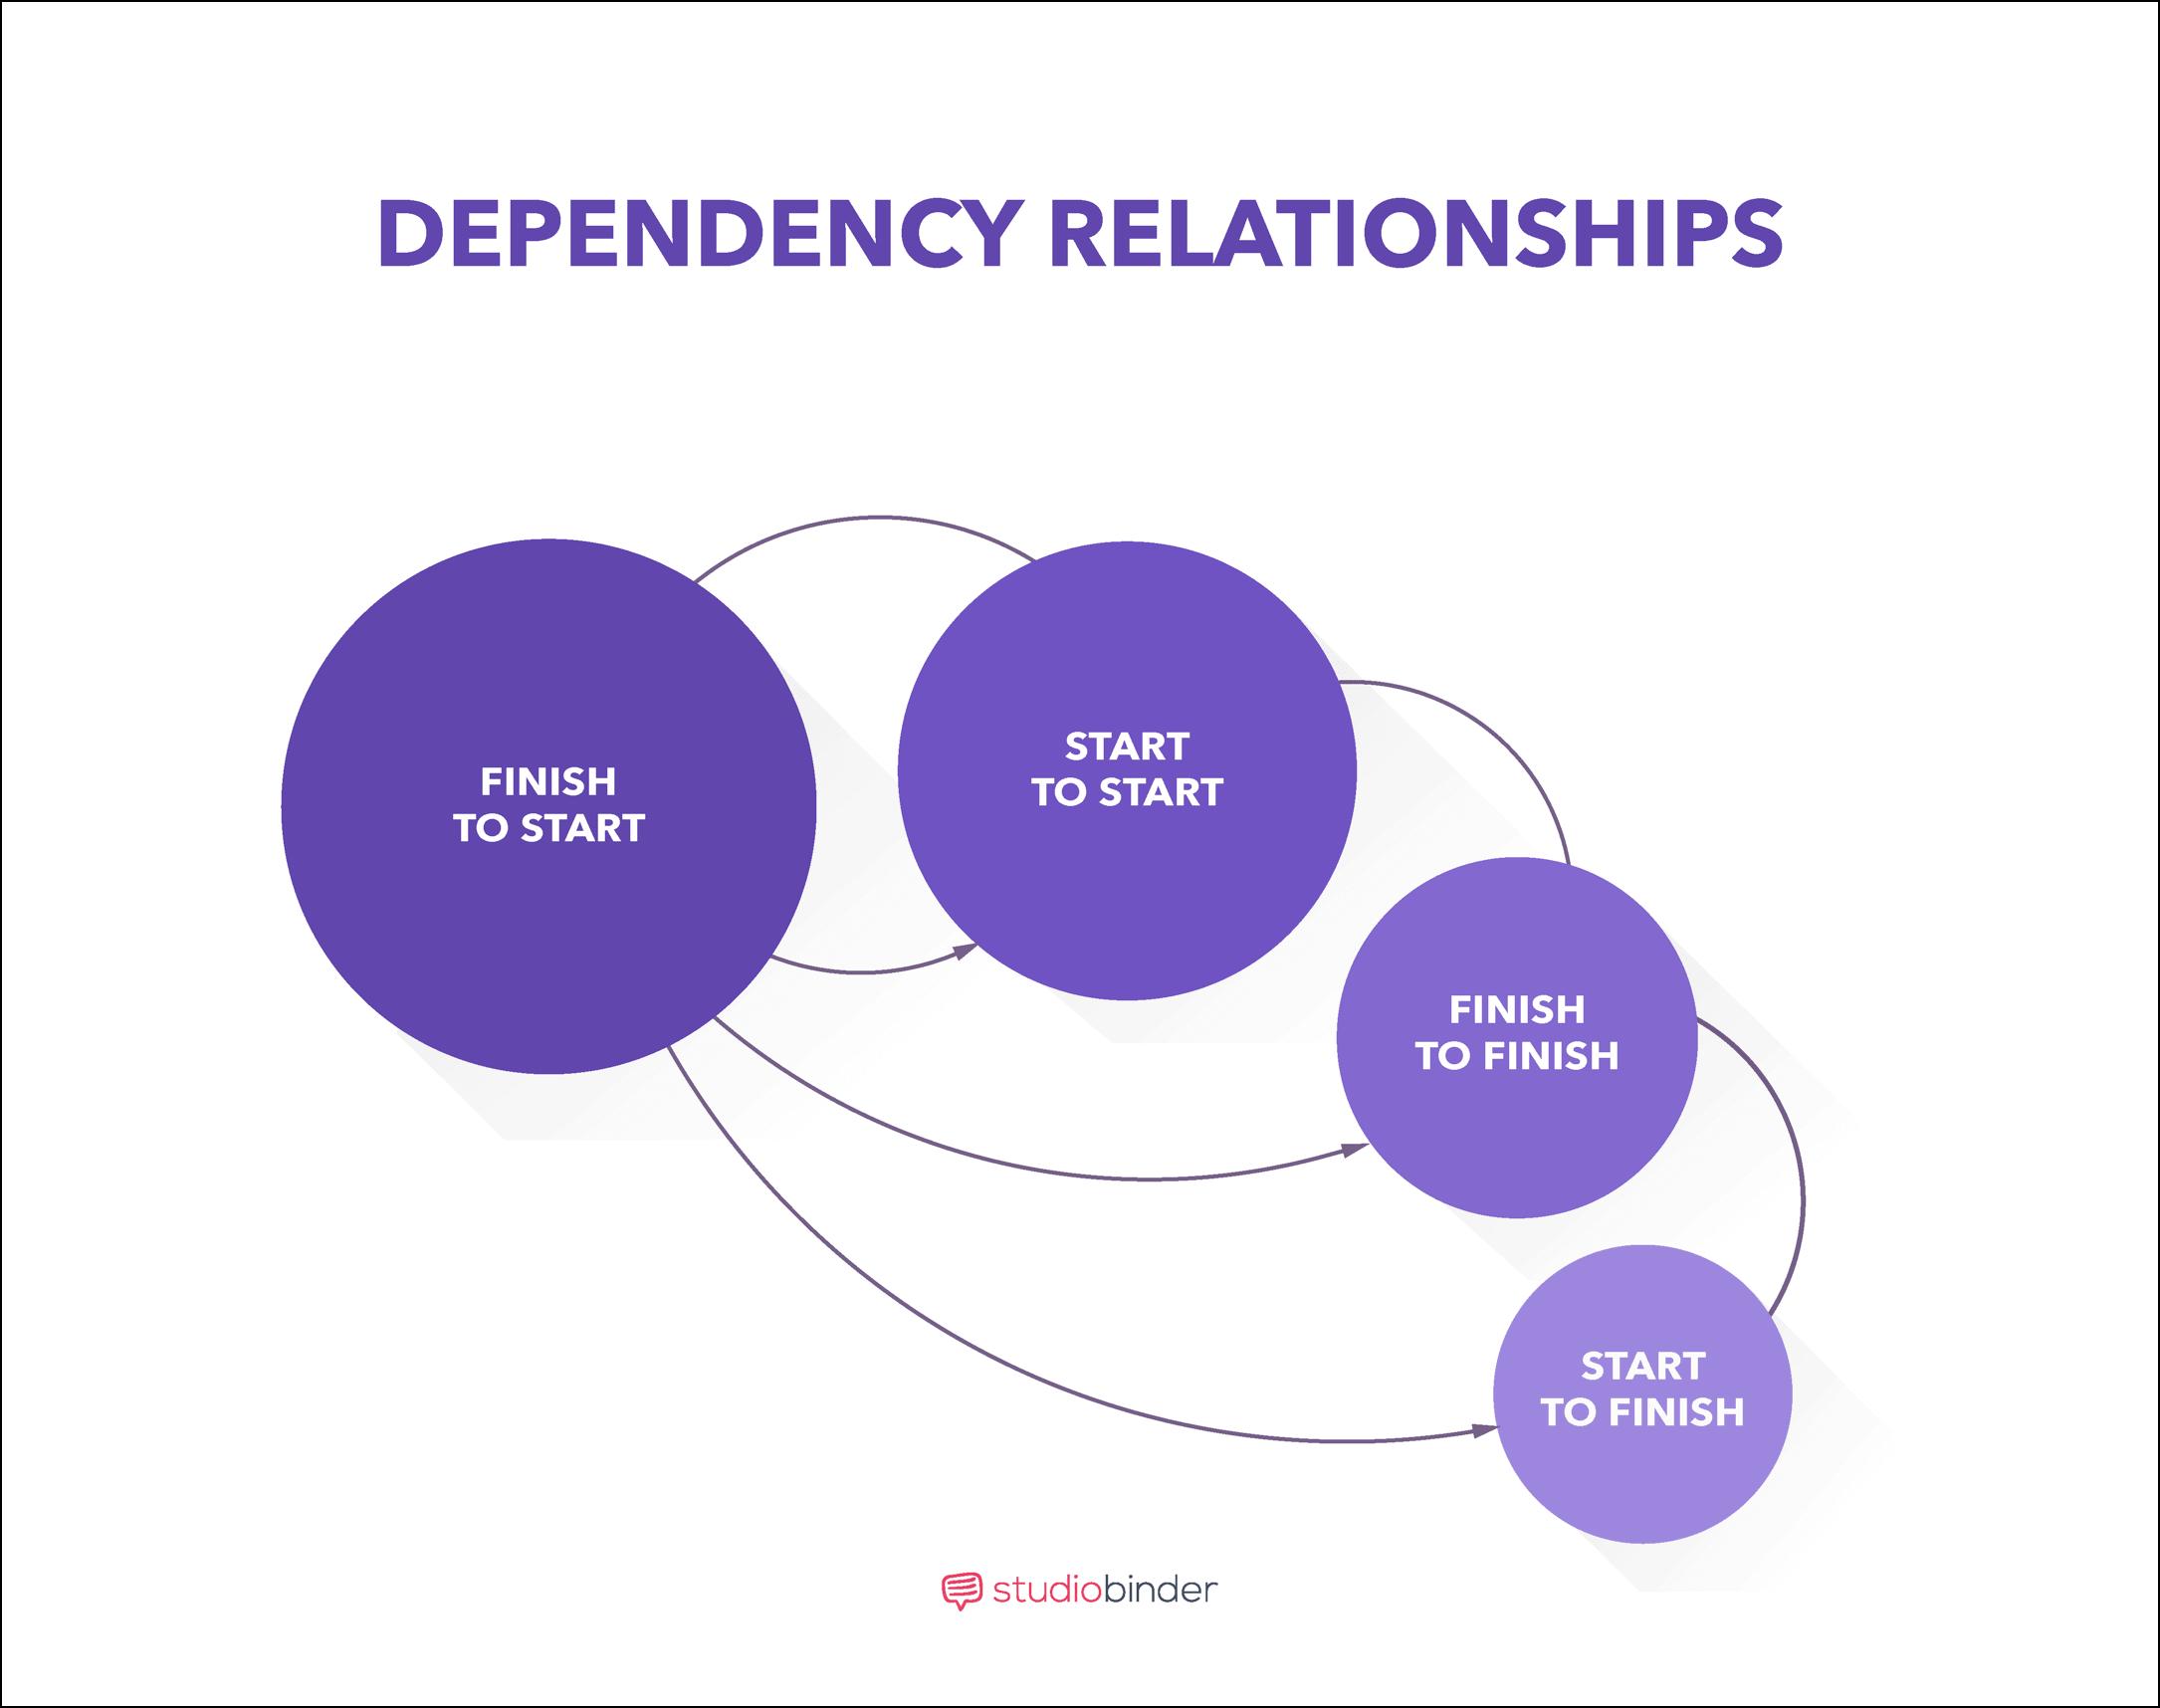 Film, Photo, & Video Production Timeline - Dependency Relationships- StudioBinder